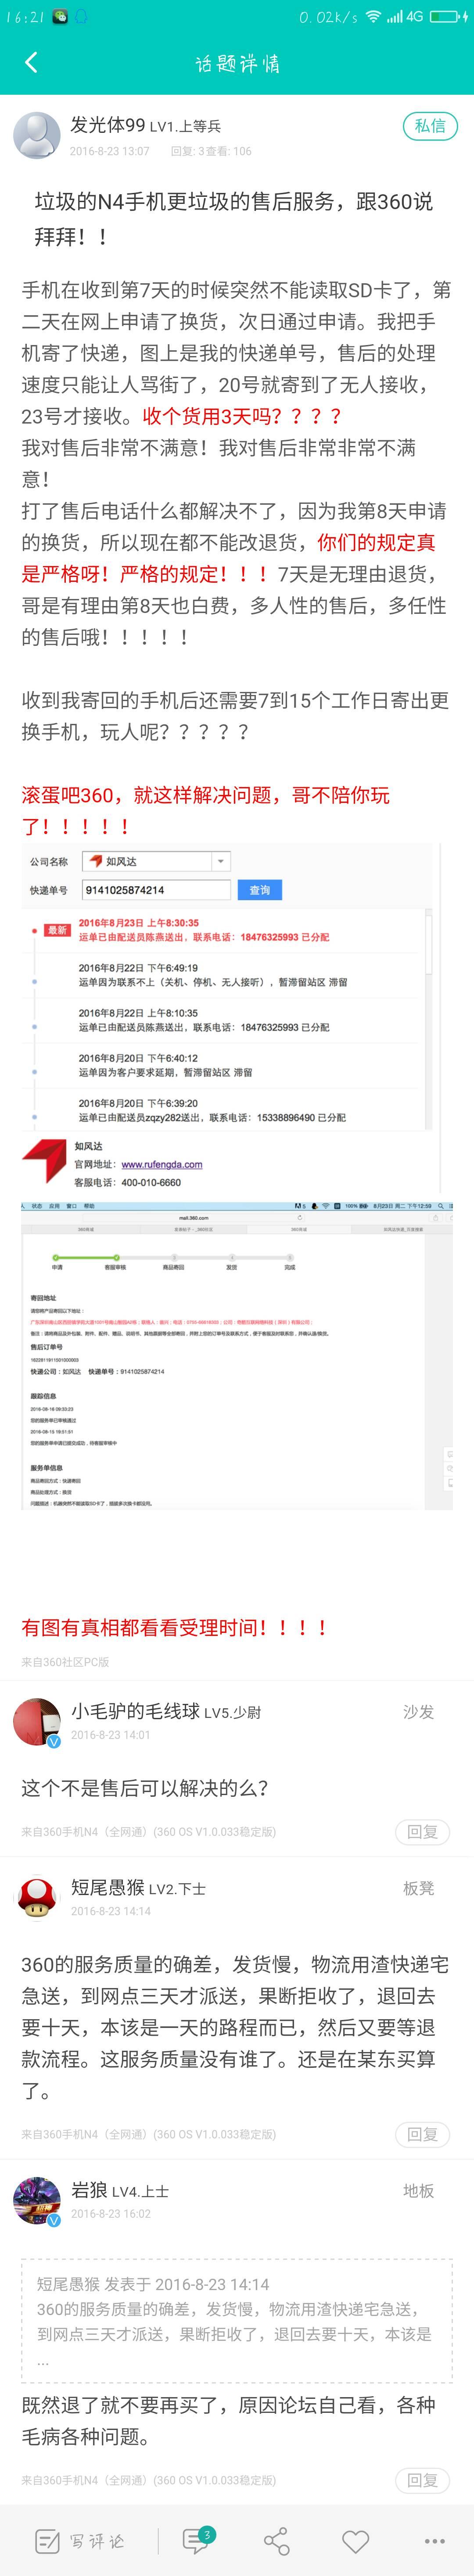 Screenshot_2016-08-23-16-21-25_compress.png